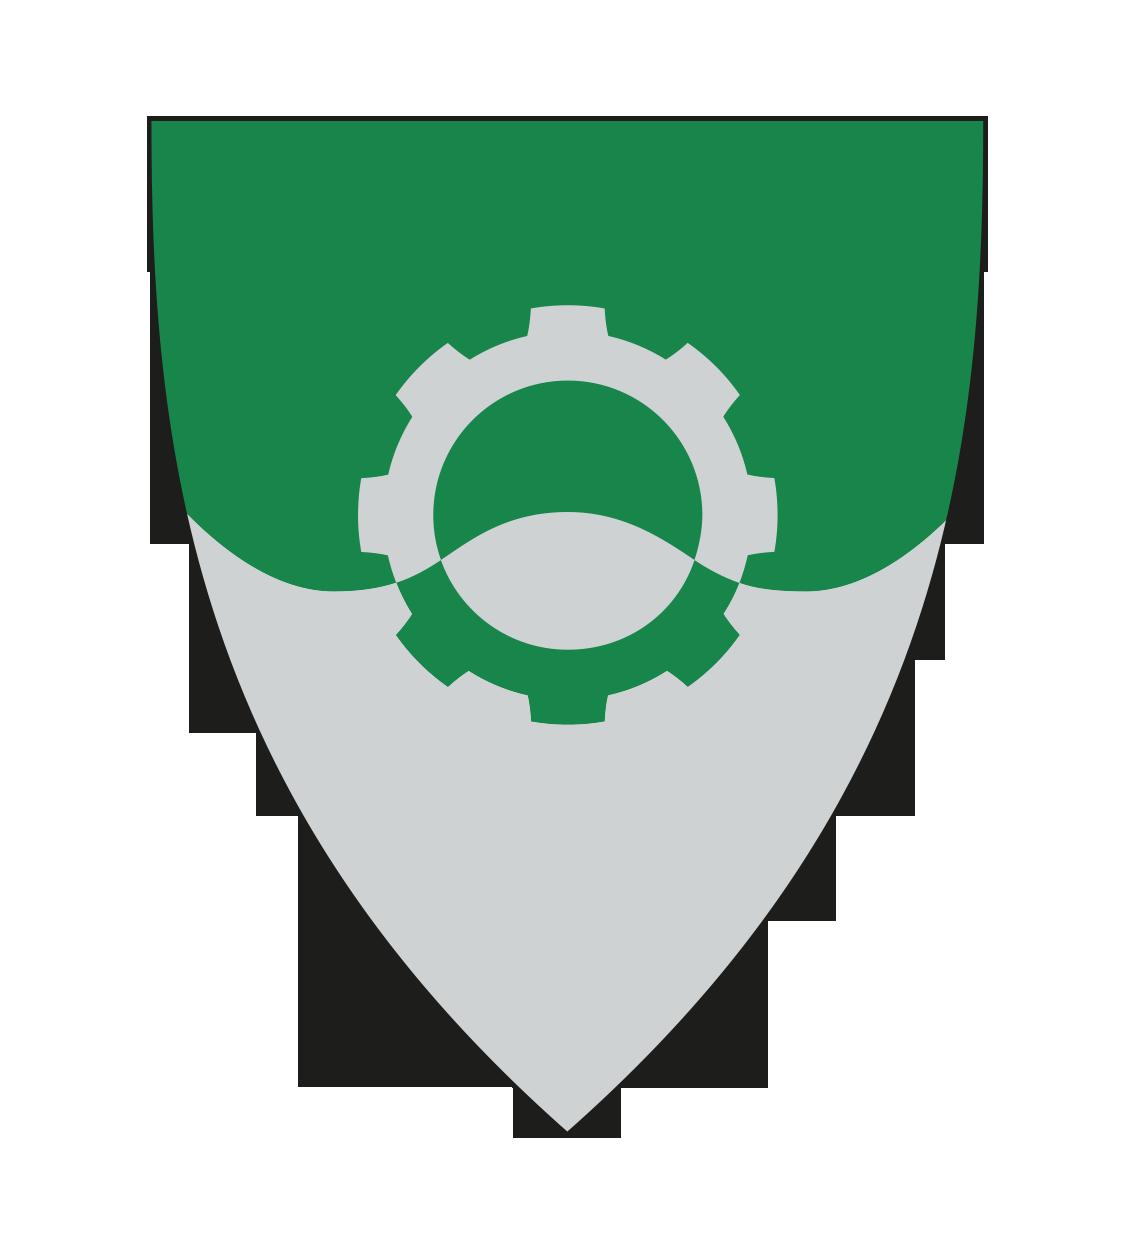 Orkland kommune logo  7731  427 b 600.png